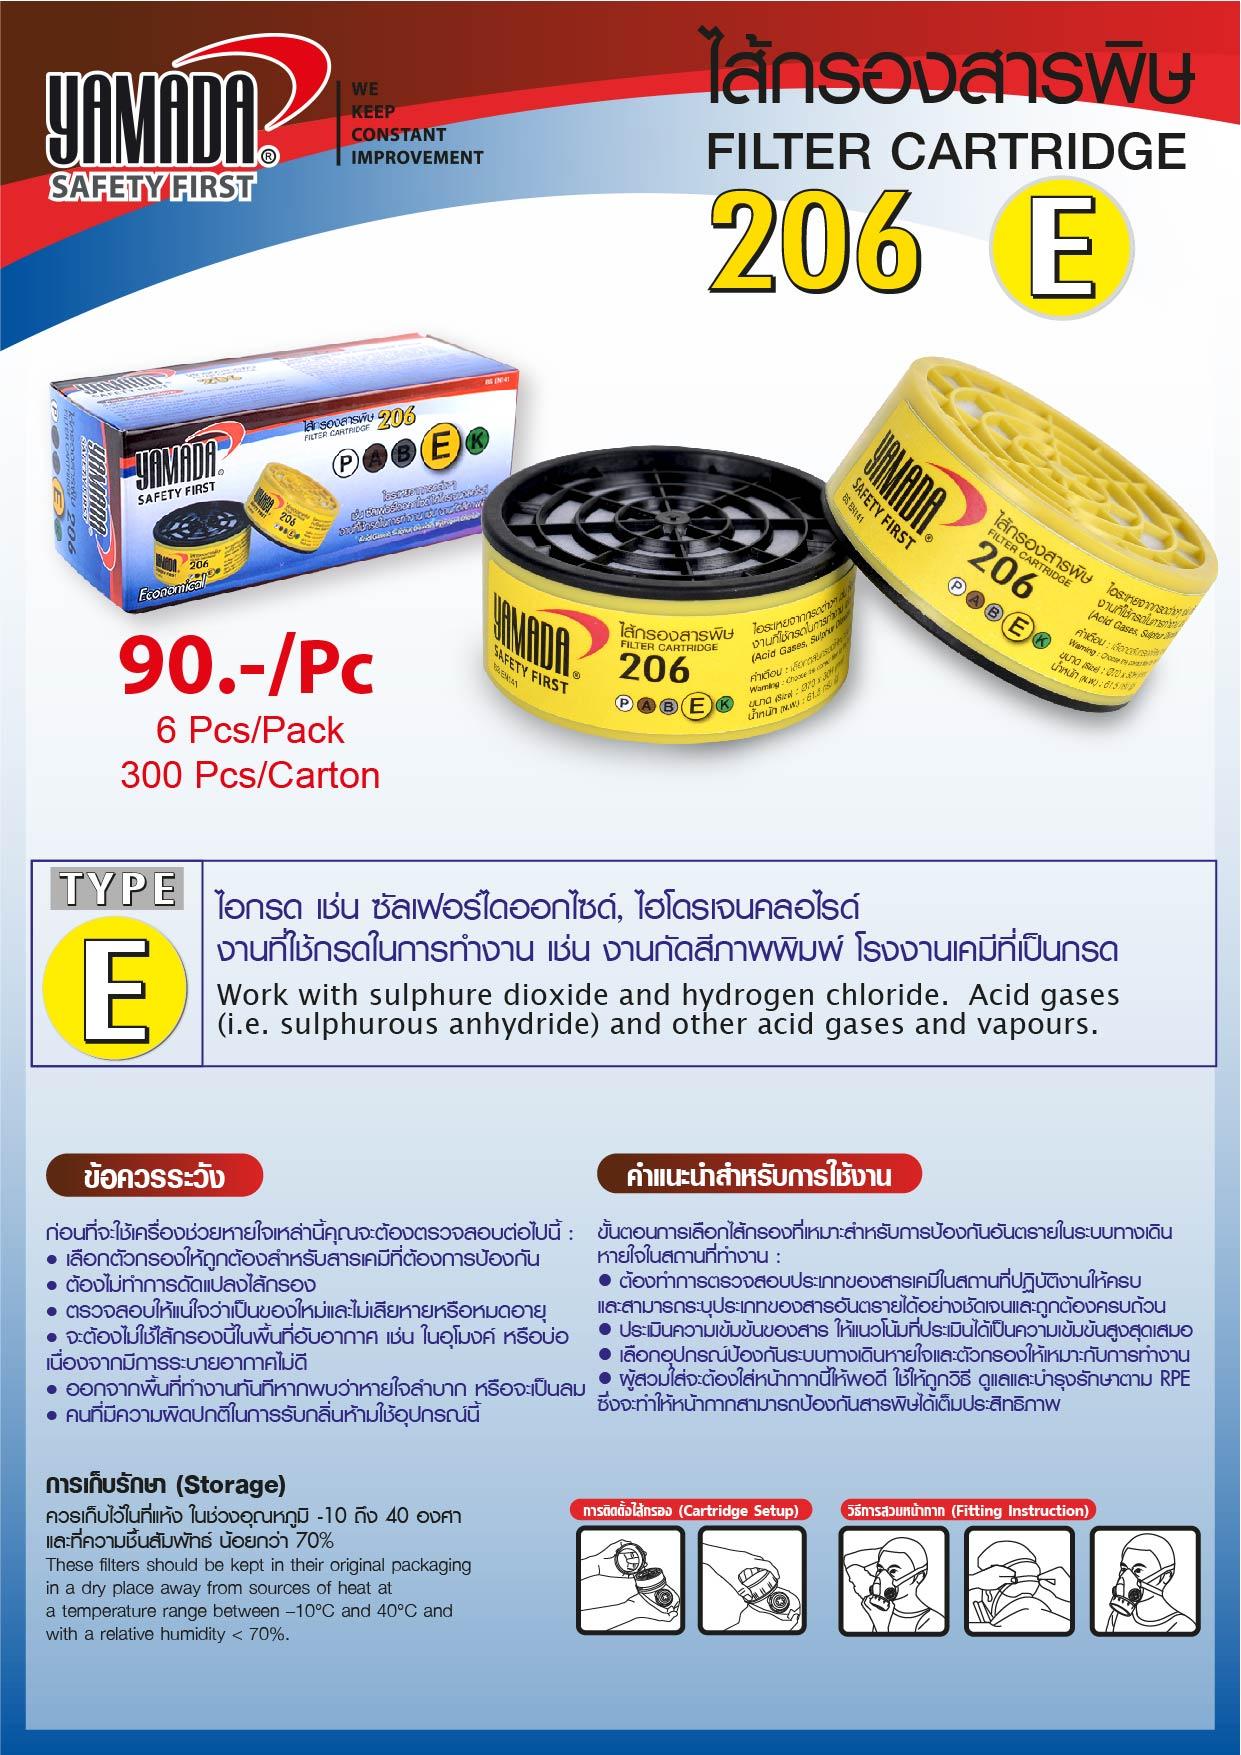 (72/268) ไส้กรองสารพิษ 206 TYPE E / Filter Cartridge